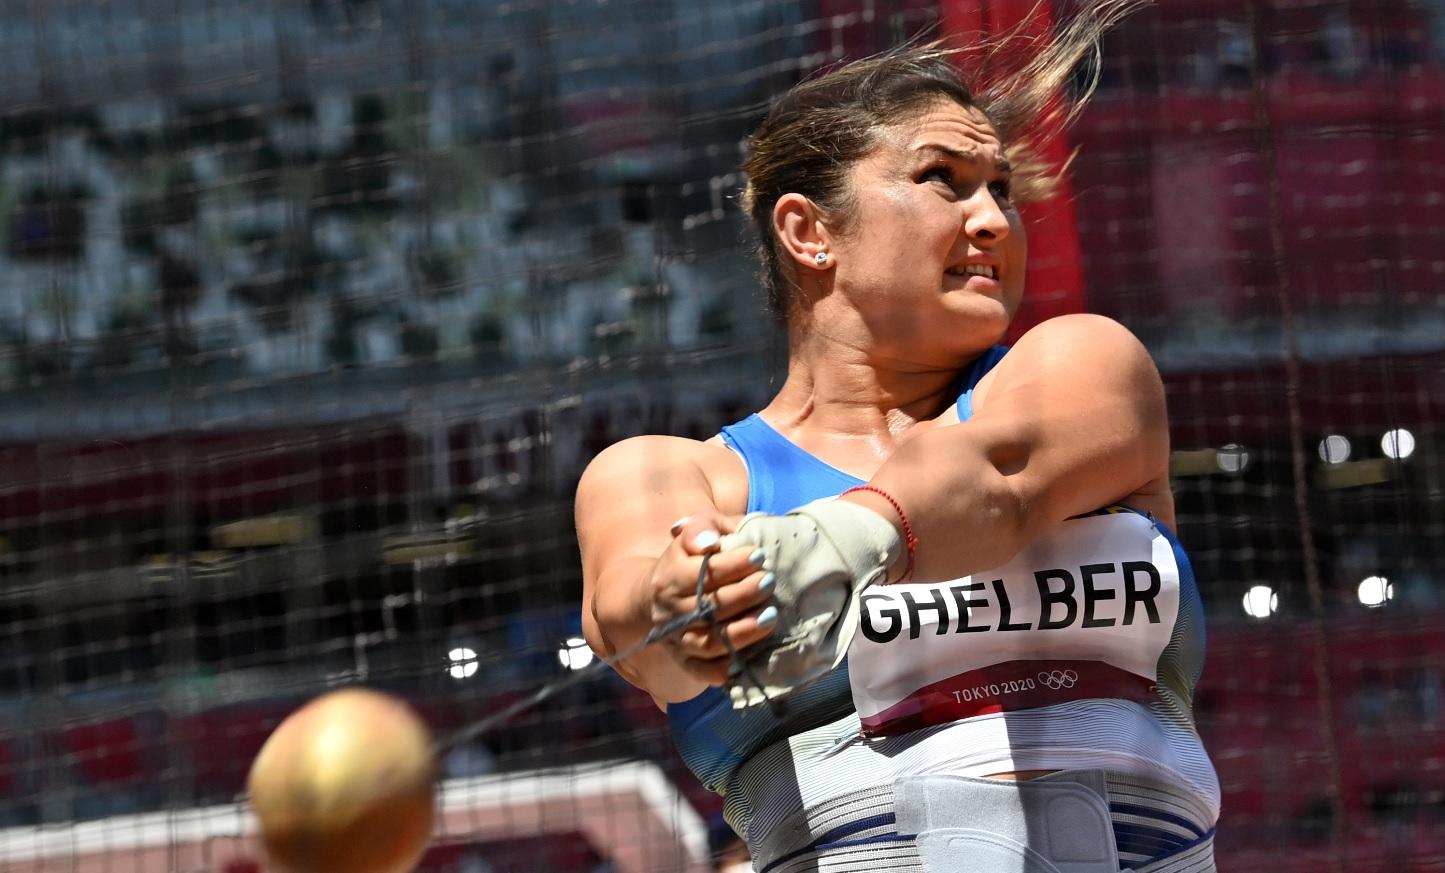 Jocurile Olimpice 2020   Bianca Ghelber, în finală la aruncarea ciocanului! Când va lupta pentru medalii